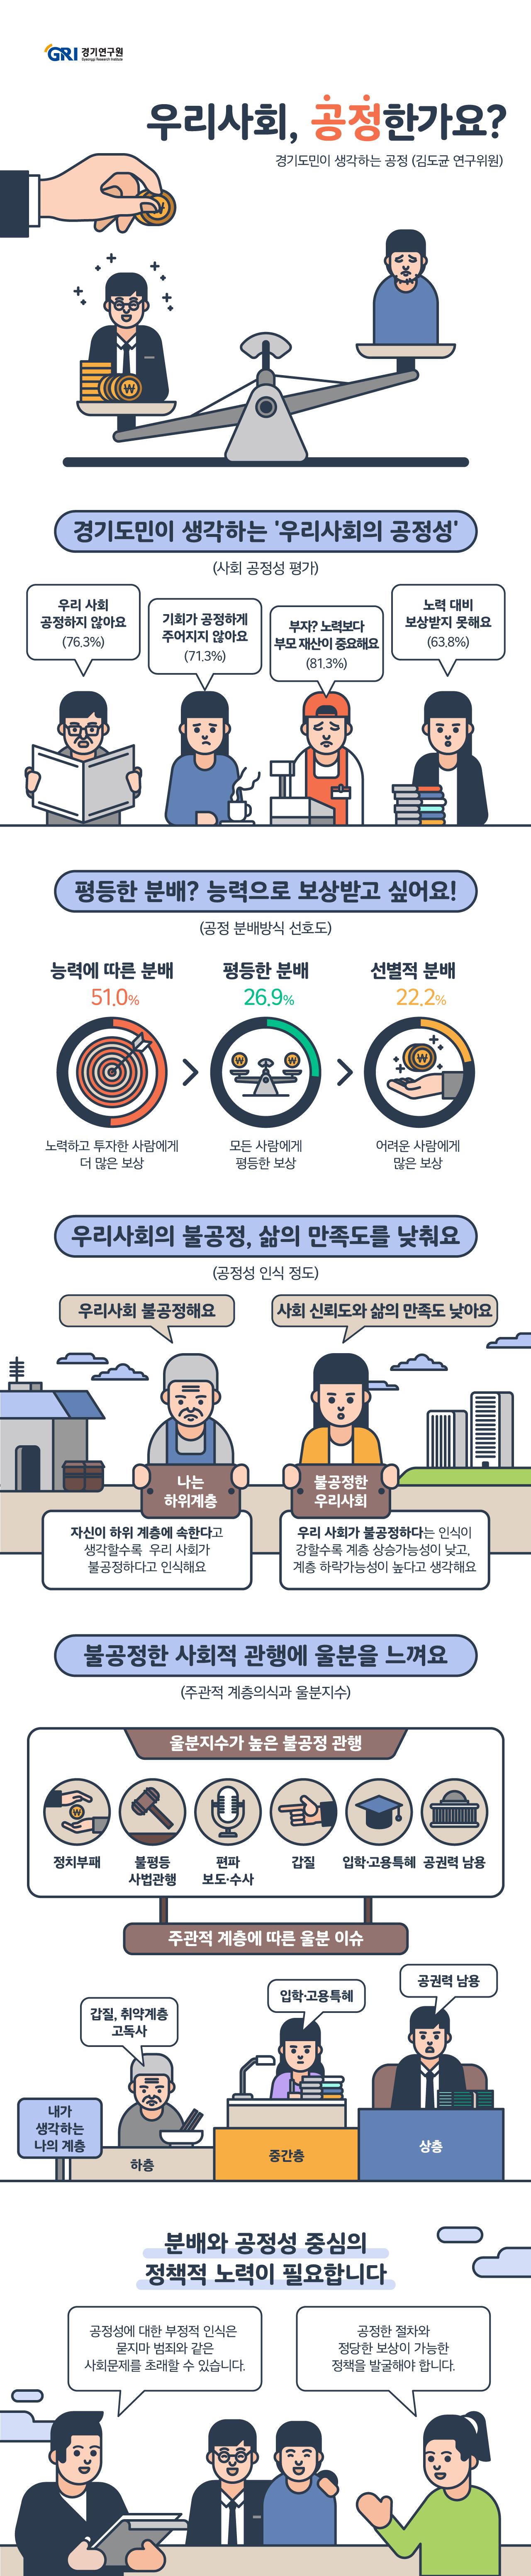 공정성을 둘러싼 다양한 사회적 요구들이 최근 한국 사회에서 제기되면서 '공정성'은 대한민국과 경기도의 가장 큰 화두로 대두되었다. 공정성에 대한 요구 이면에는 계층이동성 악화와 사회 경제적 불평등 문제가 존재한다. 2020년을 맞아 경기도민 1,200명을 대상으로 실시한 '경기도민 공정성 인식에 대한 조사'에서도 공정성은 중요한 화두로 나타났다.    설문에 따르면 응답자의 대다수인 76.3%가 우리 사회는 공정하지 않다고 생각하며, 71.3%는 기회의 공정성도 주어지지 않는다고 응답했다. 또한, 본인의 노력보다 부모의 재산이나 집안이 더 중요하다고 응답한 비중이 81.3%에 달했다. 응답자의 63.8%는 자신의 능력이나 노력이 제대로 보상받지 못하고 있다고 생각하고 있으며, 분배 공정성을 위한 원칙으로는 평등한 분배 26.9%, 선별적 분배 22.2%, 능력에 따른 분배 51.0%로 능력에 따른 분배 방식을 가장 선호하는 것으로 나타났다.   한국 사회를 10개 계층으로 나누었을 때, 자신의 계층 지위가 낮을수록 계층 상향이동 가능성을 낮게 인식하고, 우리 사회의 공정성 점수도 낮게 평가하는 것으로 나타났다. 기회가 불공정하게 부여되고 있다고 생각할수록, 그리고 자신의 능력이 충분히 보상받지 못한다고 생각할수록 사회에 대한 신뢰도와 삶의 만족도도 낮게 나타나 공정성에 대한 인식이 사회적으로도 부정적 영향을 미치는 것으로 나타났다. 또한 우리 사회가 공정하지 않다고 느낄수록, 자신이 하층에 속한다고 느낄수록 울분을 더 크게 느끼는 것으로 나타났다. 정치 기업부패, 편파수사 보도, 갑질, 입학 고용 특혜 등 불공정한 사회적 관행에 대해서는 응답자 대다수가 매우 높은 수준의 울분을 표출했다.    공정은 우리 사회의 가장 중요한 화두이며, 공정성에 대한 부정적 인식은 사회에 심각한 부작용을 초래할 수 있다. 사회가 공정하지 않다는 인식은 울분을 낳고, 울분은 자살이나 혐오 감정 등 사회적으로 심각한 부작용을 초래할 수 있기 때문에 예방적·정책적 대응이 요구된다. 또한 공정성에 대한 열망은 공정한 절차뿐만 아니라 노력하면 정당하게 보상받을 수 있는 사회를 요구하기 때문에 사회경제적 불평등 해소와 분배정의를 실현할 수 있는 정책적 노력이 요구된다.